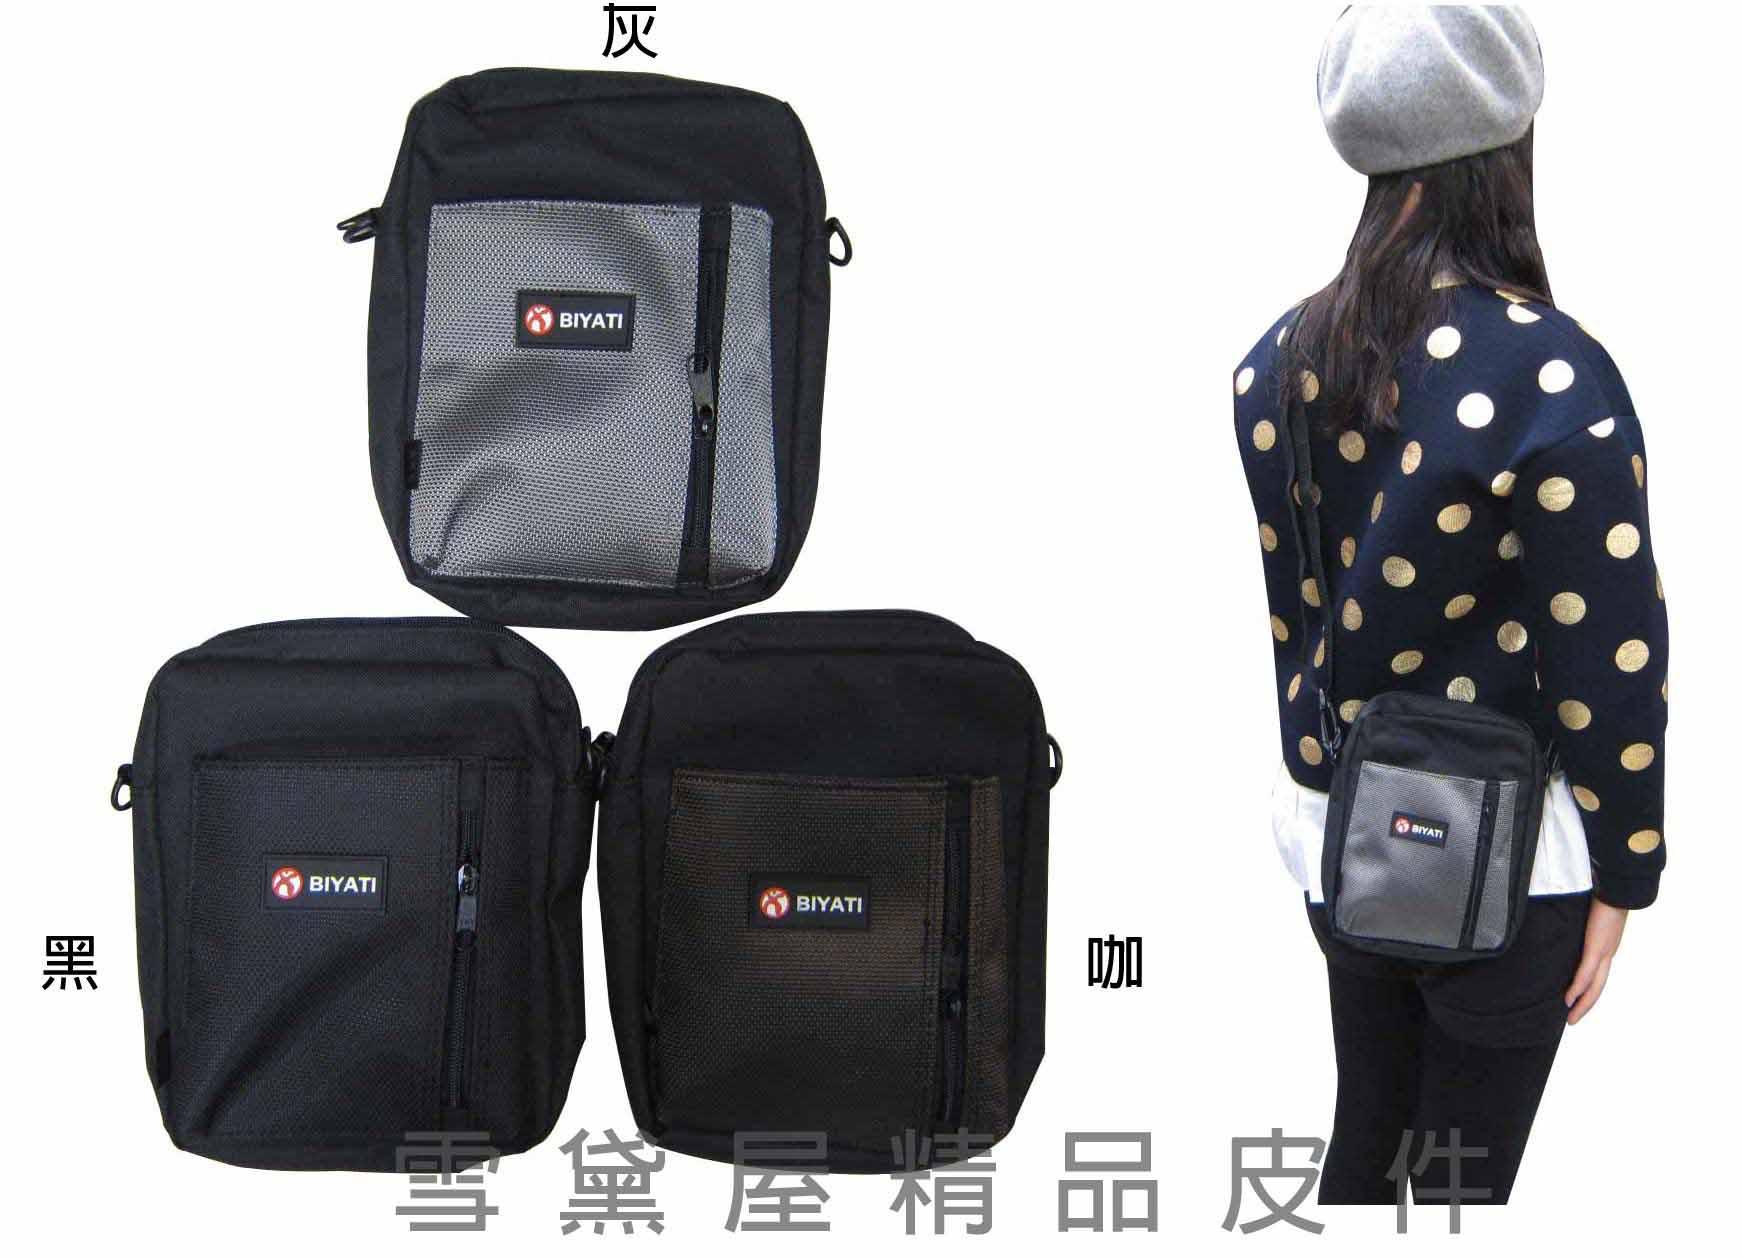 ~雪黛屋~BIYAT 肩側包MIT製造品保證可肩背可斜側背超輕防水尼龍布材質輕巧輕便隨身物品專用#6525